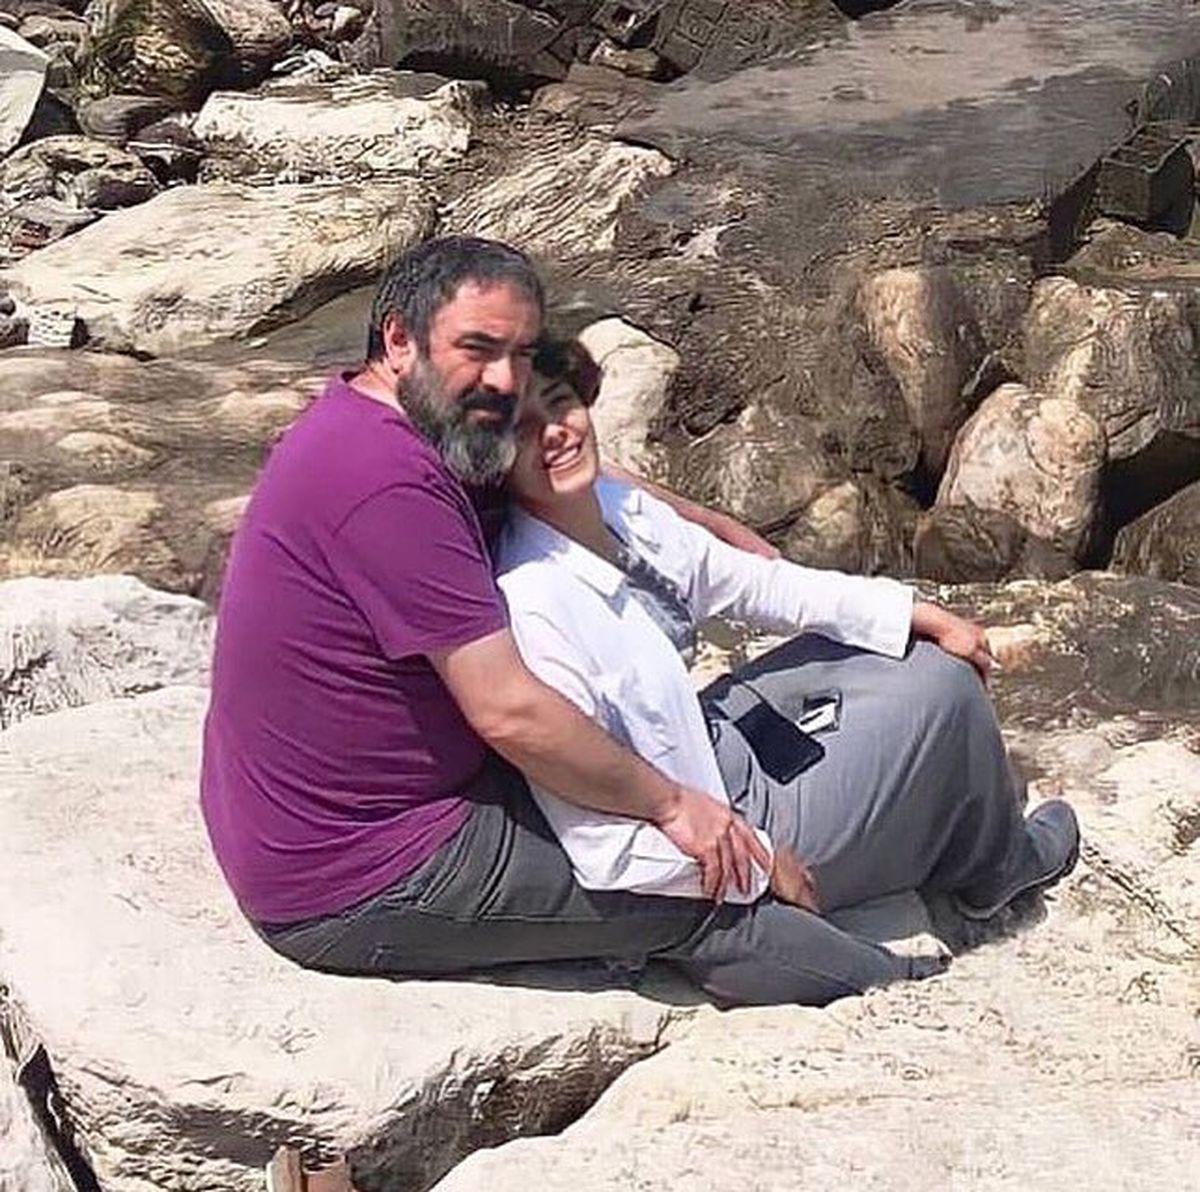 عکس عاشقانه و ناجور حسن معجونی و همسرش در طبیعت !